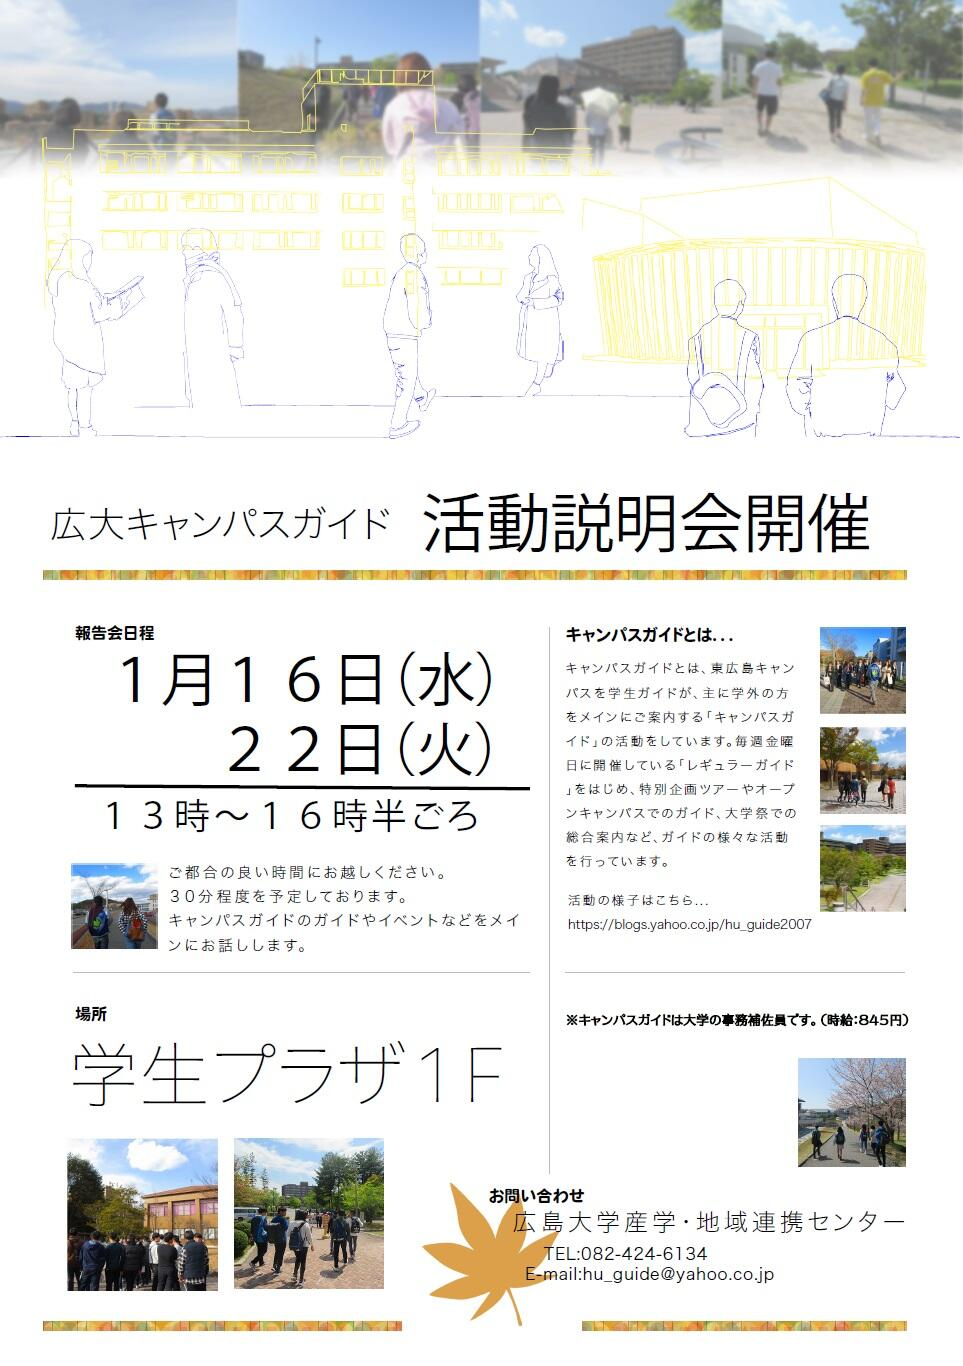 キャンパスガイド活動説明会を開催します!【広島大学キャンパスガイド】